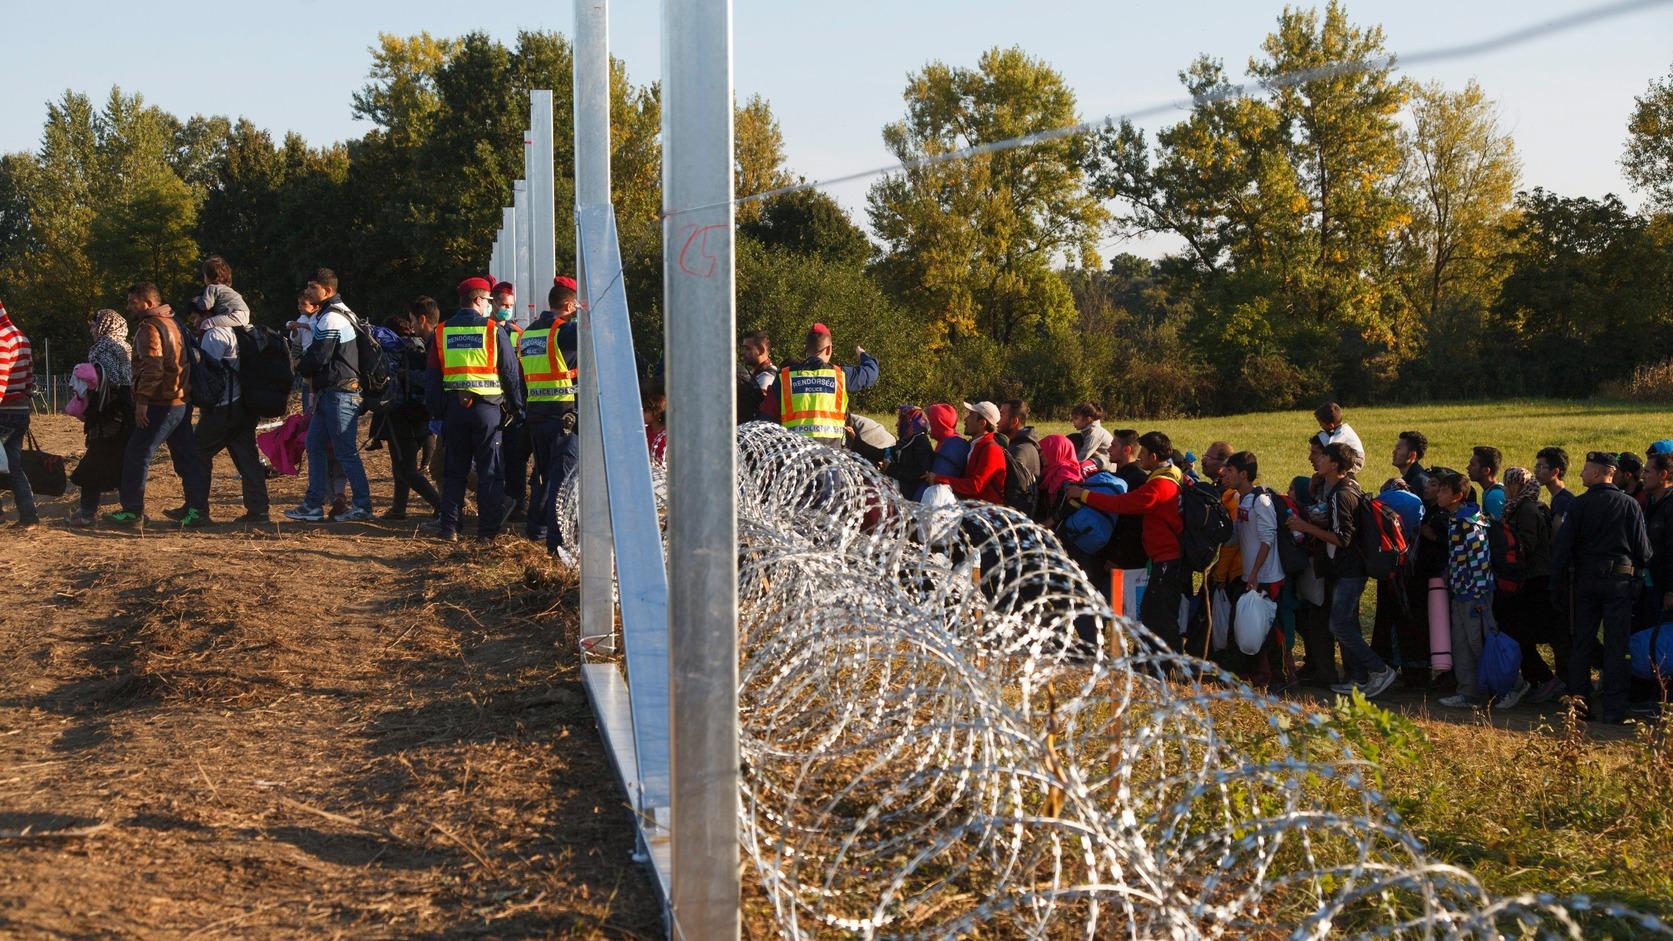 Zákány, 2015. október 2. Illegális bevándorlók lépik át a horvát-magyar zöldhatárt 2015. október 2-án. A migránsok vonattal érkeztek a horvátországi Botovóba és onnan gyalog jöttek Zákányba, majd vonatra szállnak Gyékényes vasútállomáson. A területen épül az ideiglenes műszaki határzár. A ma délutáni volt a 40. botovói vonat. MTI Fotó: Varga György